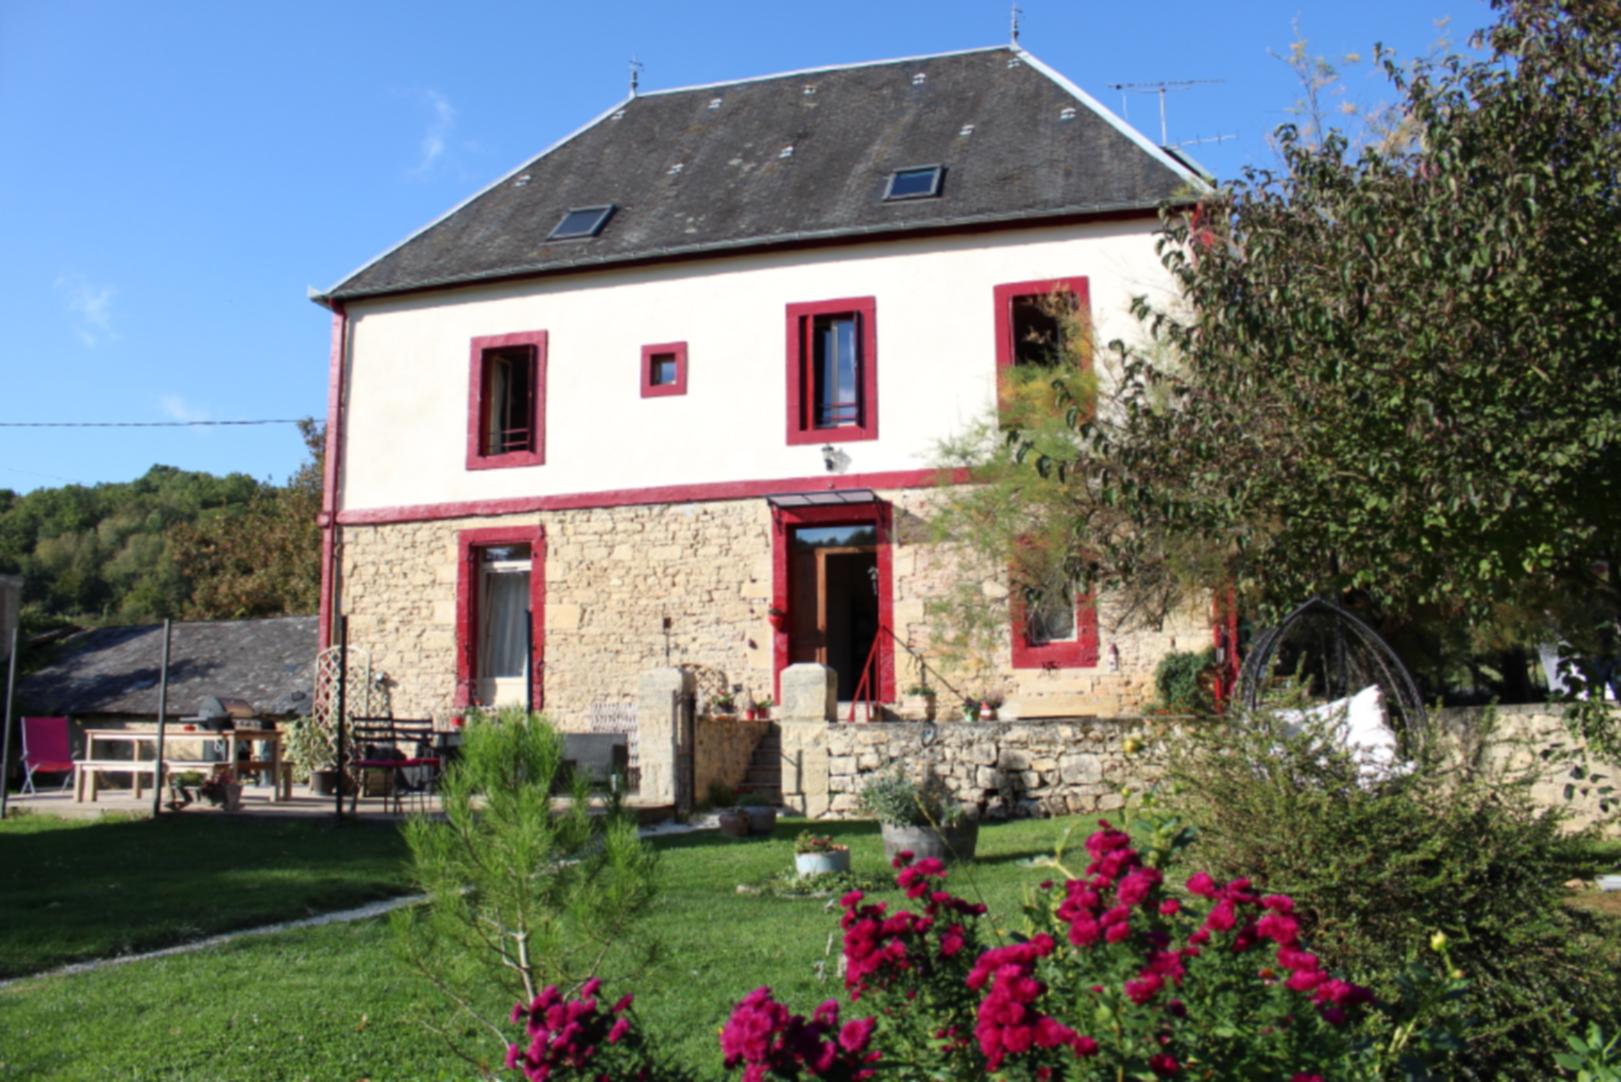 A close up of a flower garden in front of a house at La Maison Du Bonheur.